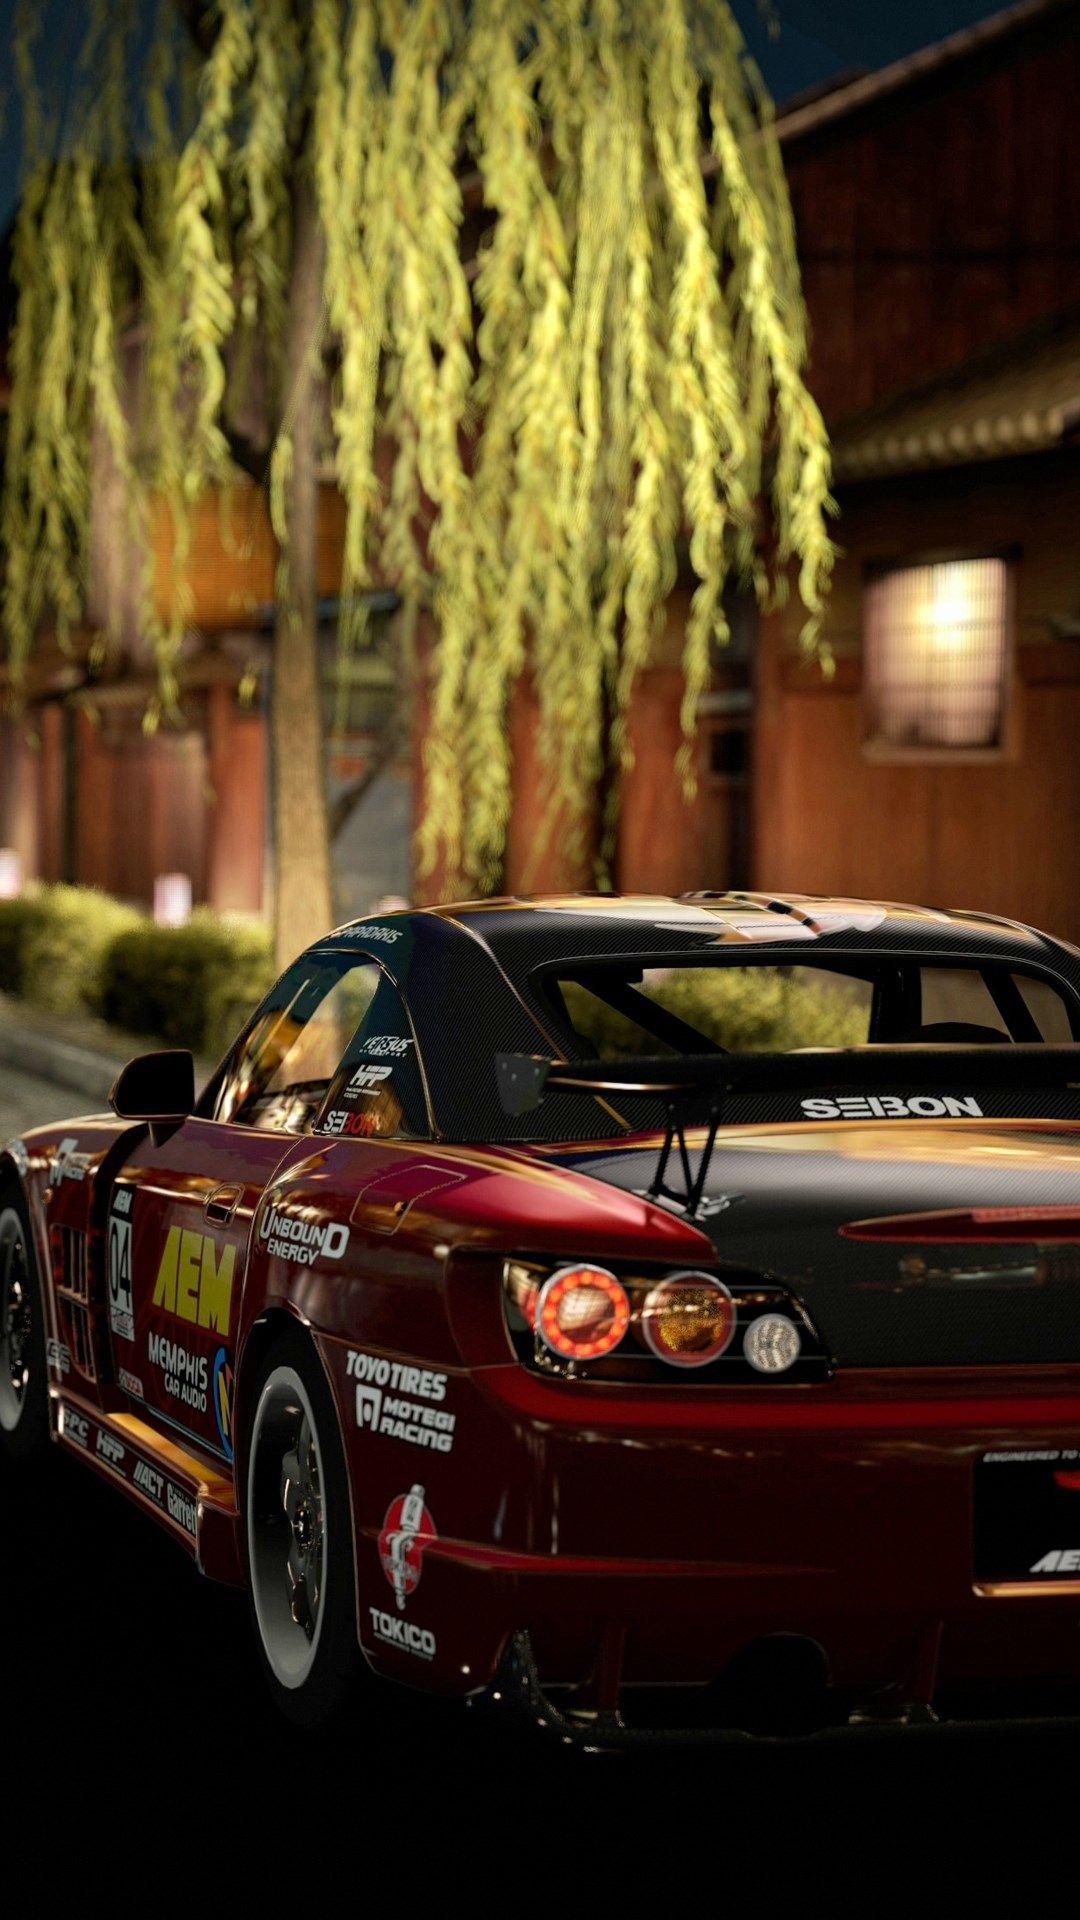 Sport Car Maserati Granturismo Maserati Cars Wallpaper Hd 1080p